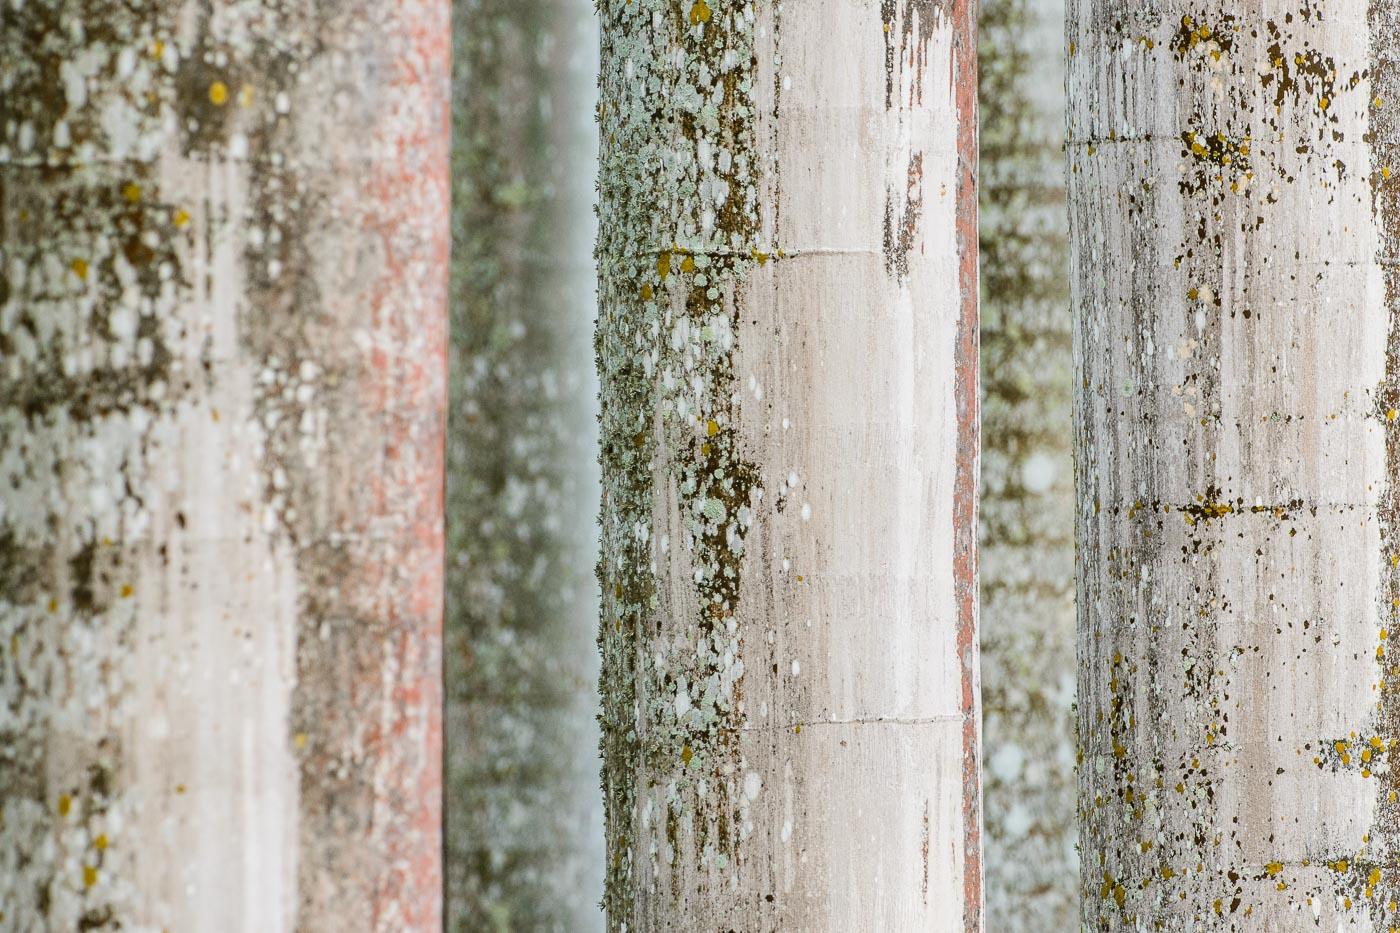 Jaula de madera - Con Otros Ojos - Con Otros Ojos - Roberto Bueno – Fotografía, Naturaleza, Abstracciones